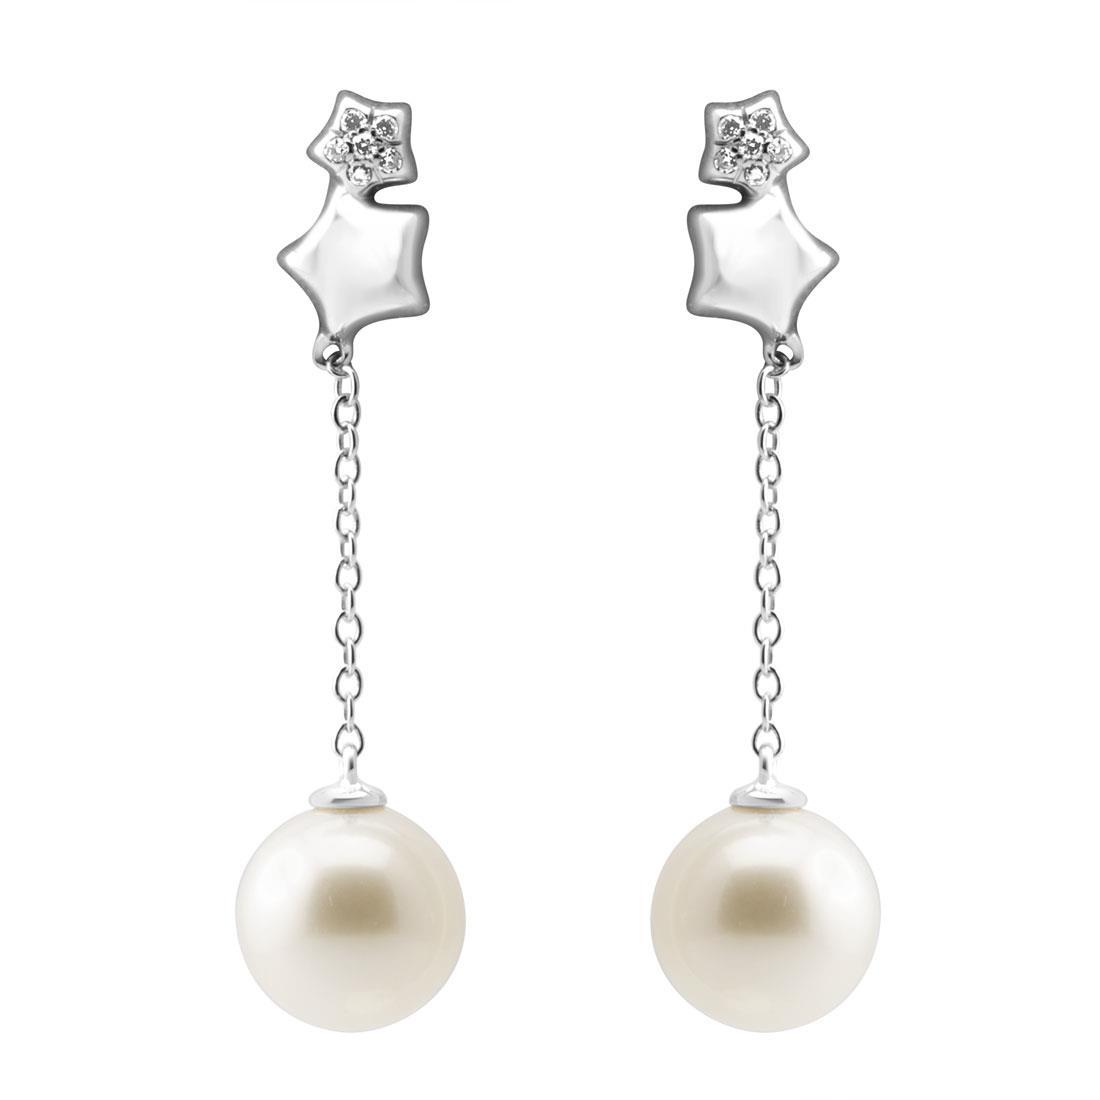 Orecchini pendenti con perle e diamanti - BLISS